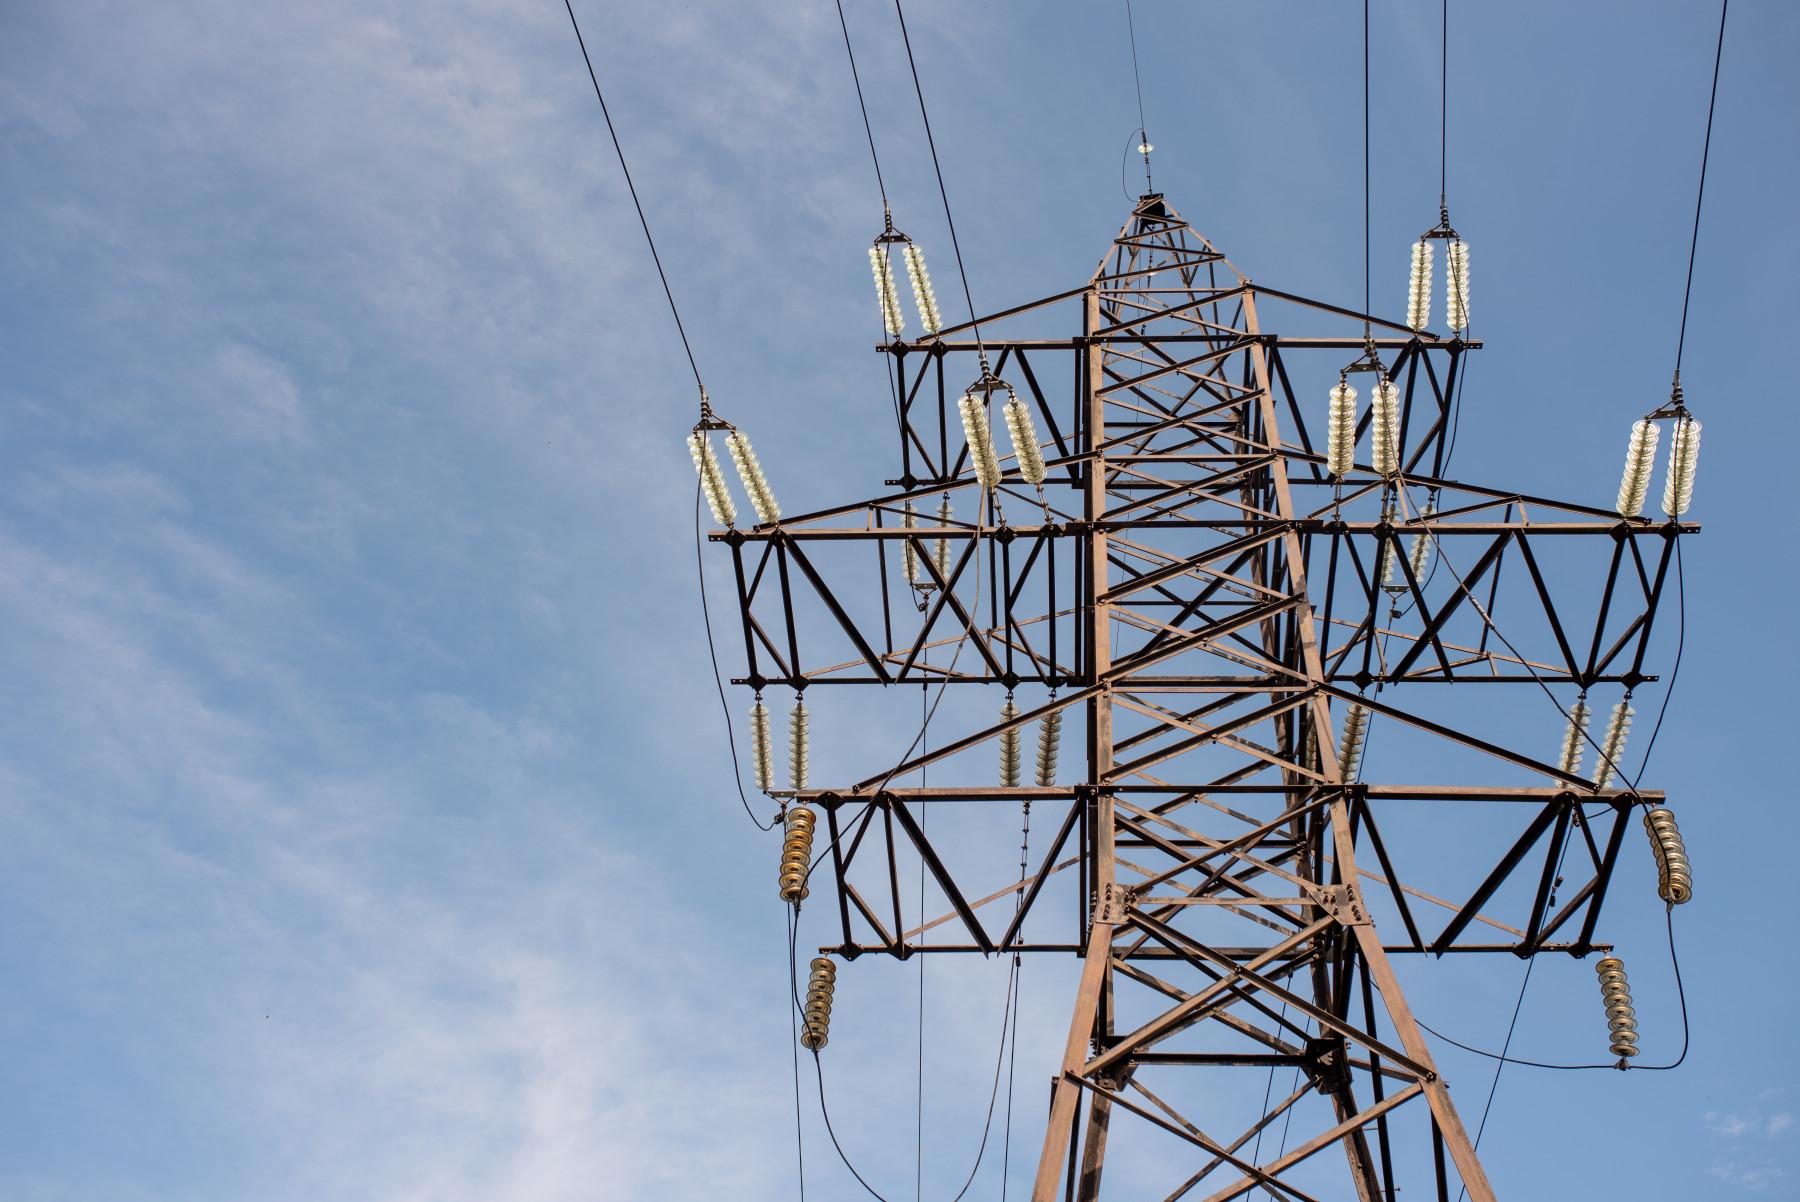 power grid - Tim Kyle